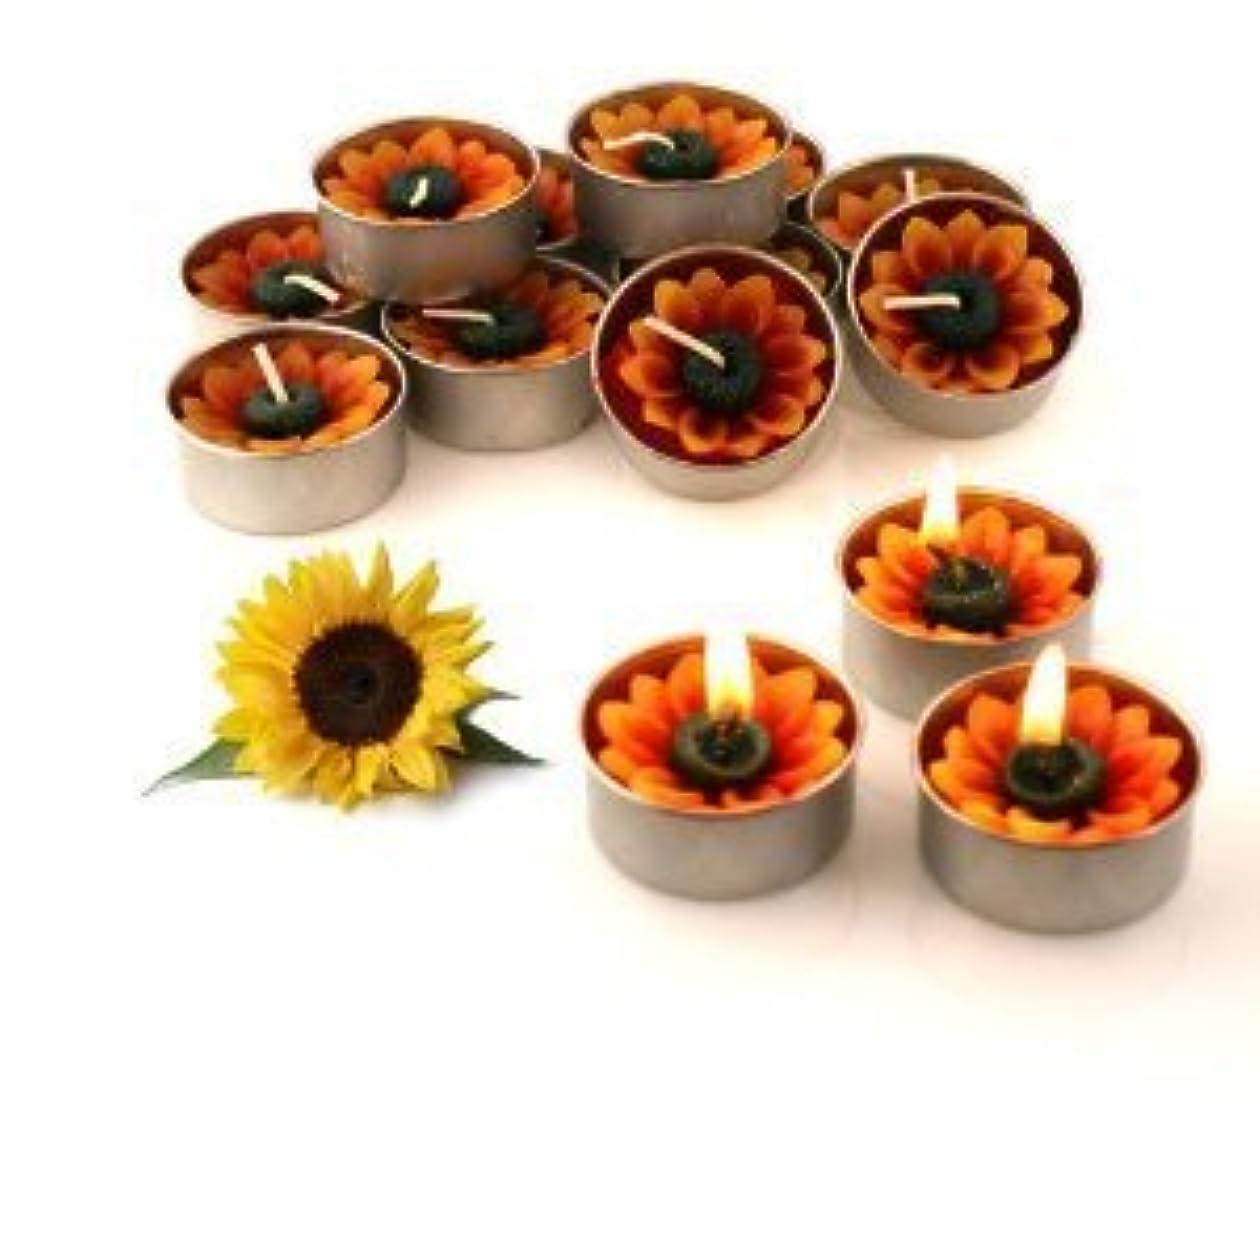 社会息子動作Relax Spa Shop @ Sun Flower Candle in Tea Lights , Floating Candles, Scented Tea Lights ,Aromatherapy Relax (Sun Flower Candle in Tea Lights Pack of 10 Pcs.) by Relax Spa Shop